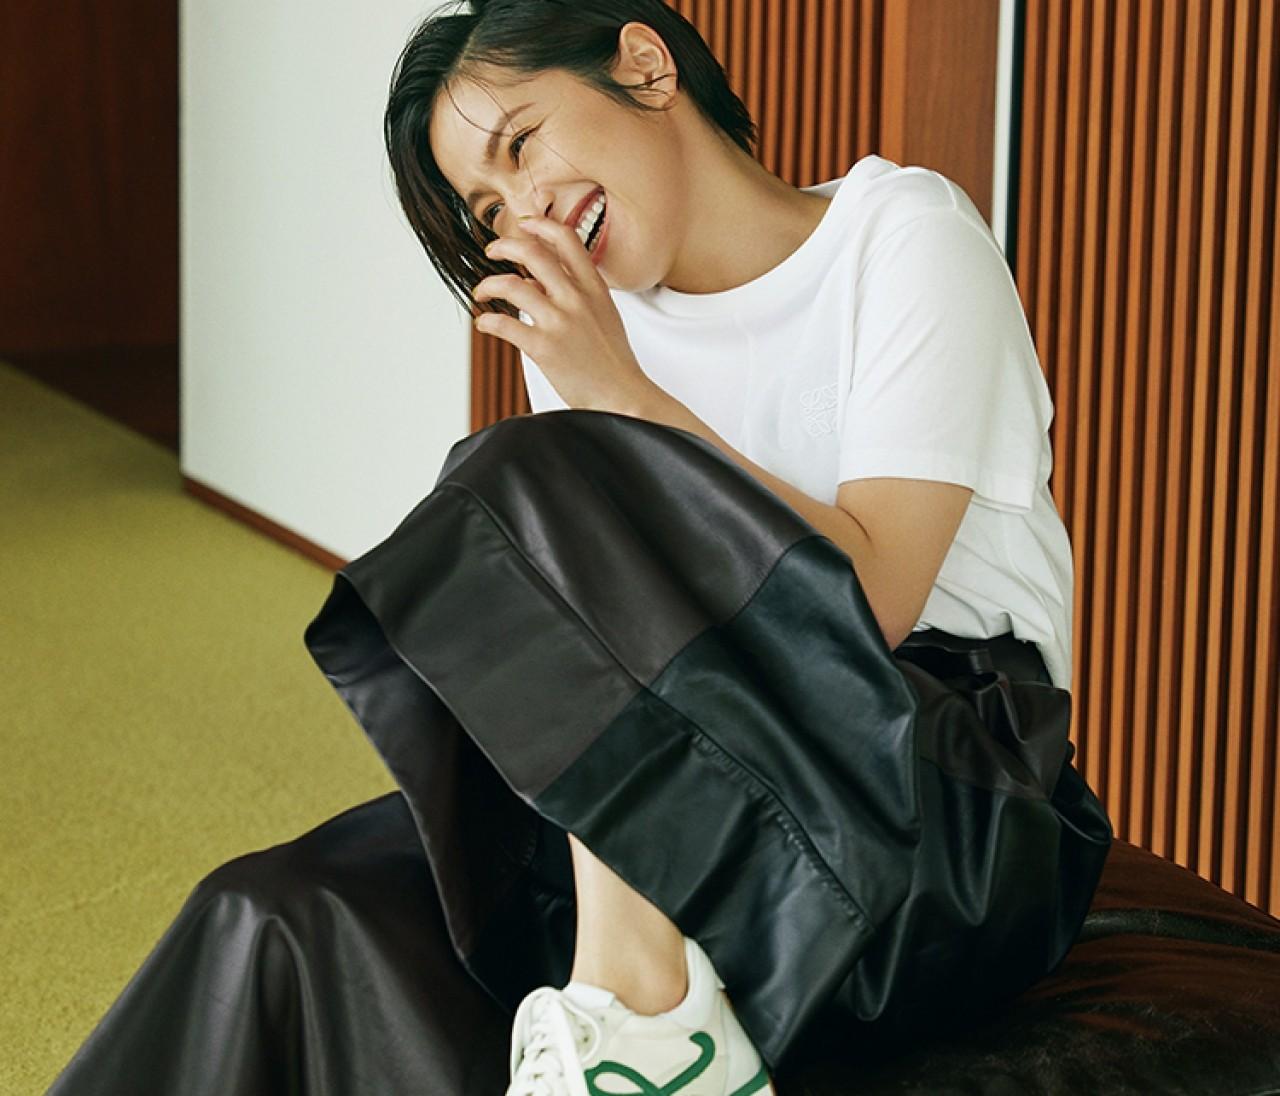 【ロエベ】スニーカー「フロー ランナー」はレトロな雰囲気が新鮮!